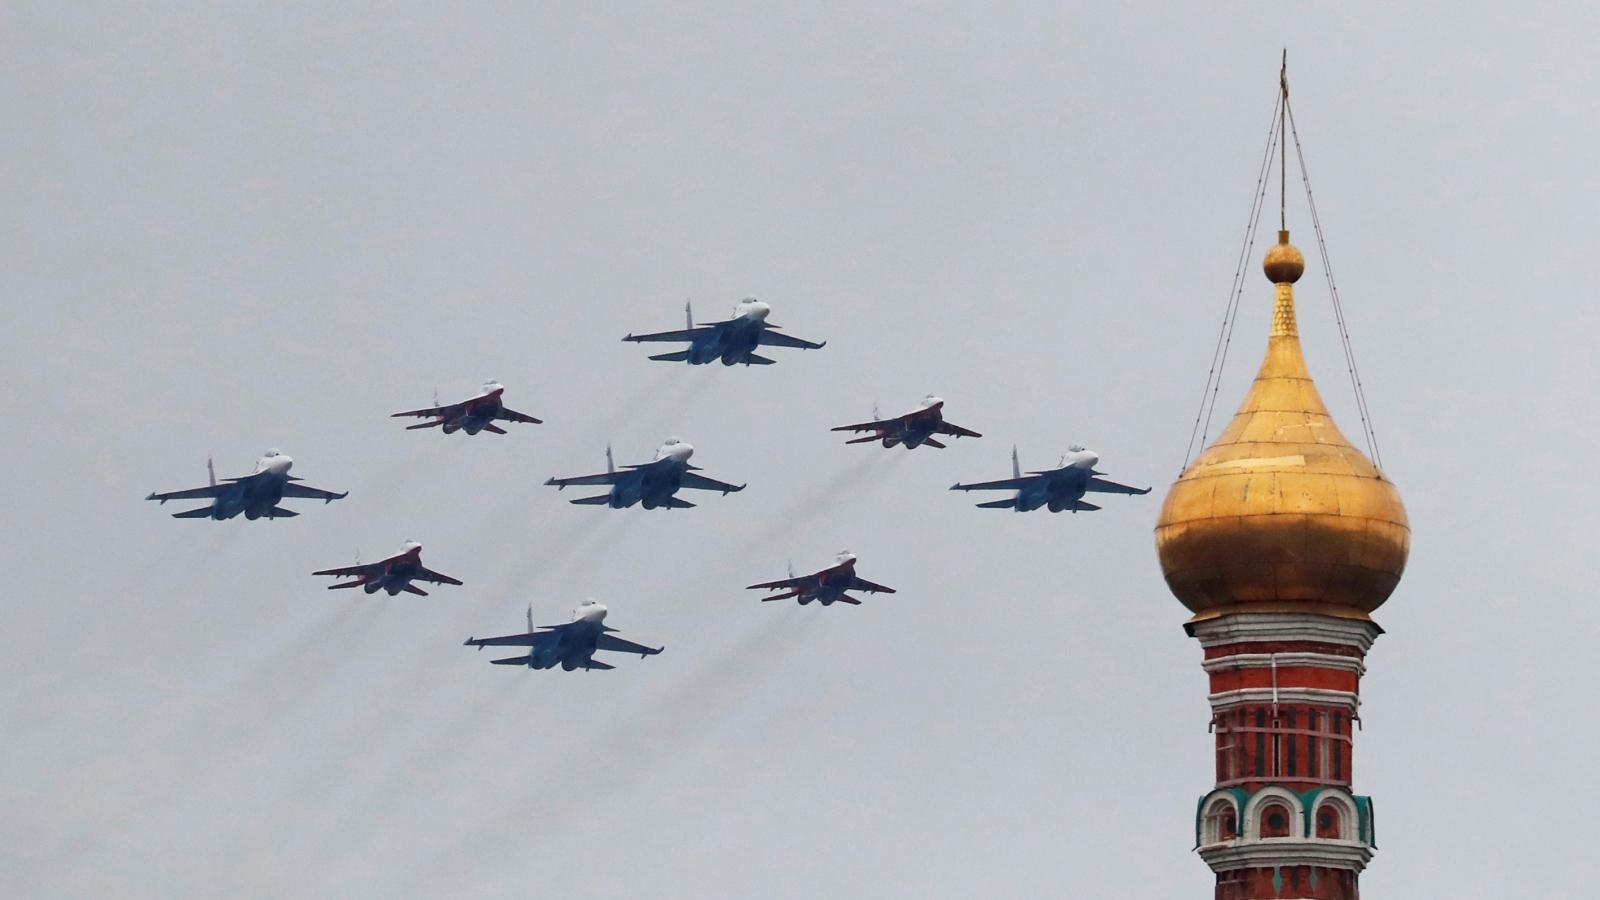 Mãn nhãn màn biểu diễn trên không tại Lễ duyệt binh Ngày Chiến thắng ở Quảng trường Đỏ